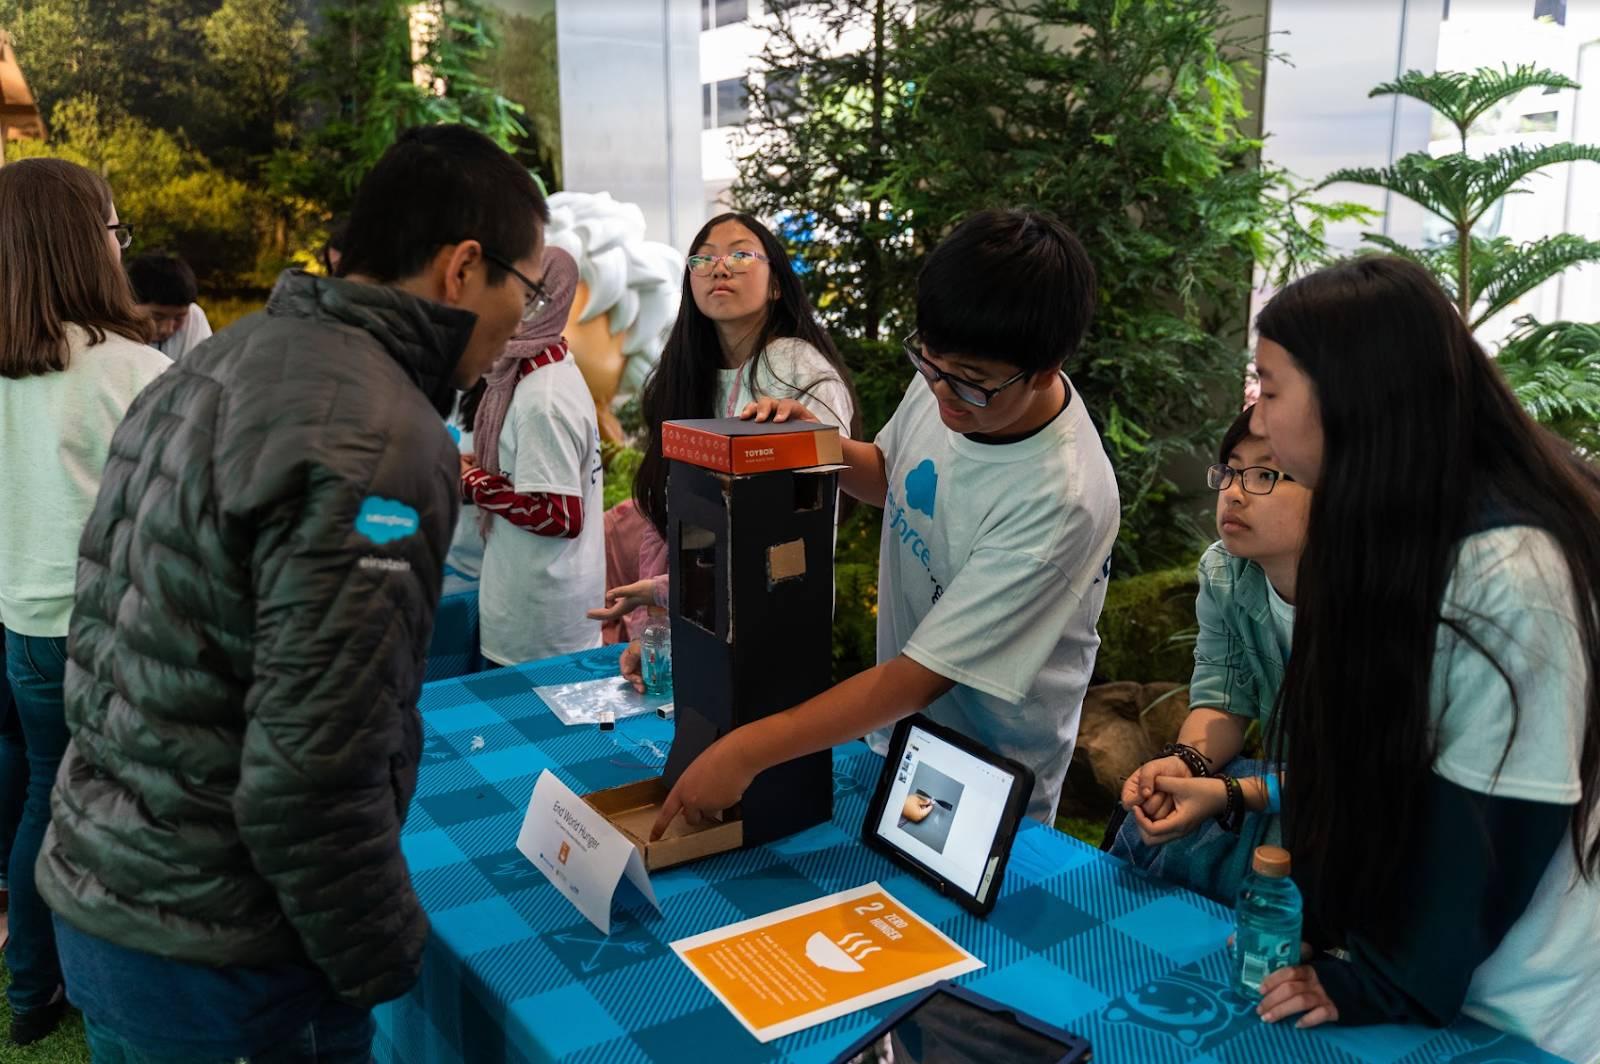 Alunos apresentando seu protótipo em uma Maker Faire da Salesforce realizada na área da baía de São Francisco